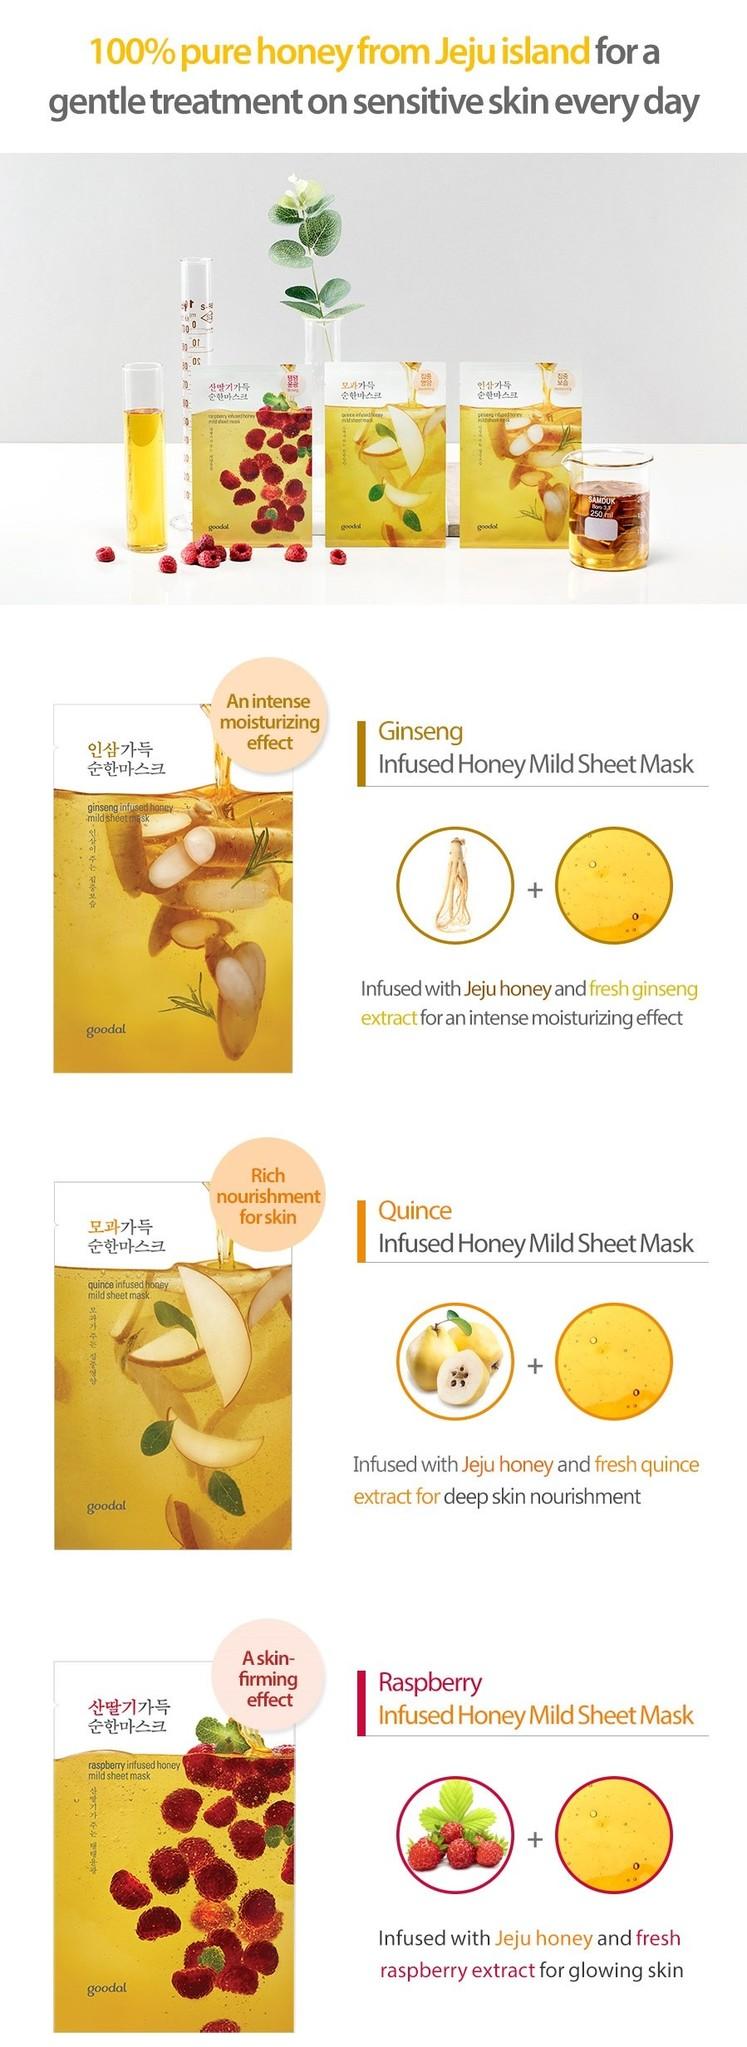 ginseng infused honey mild sheet mask-7